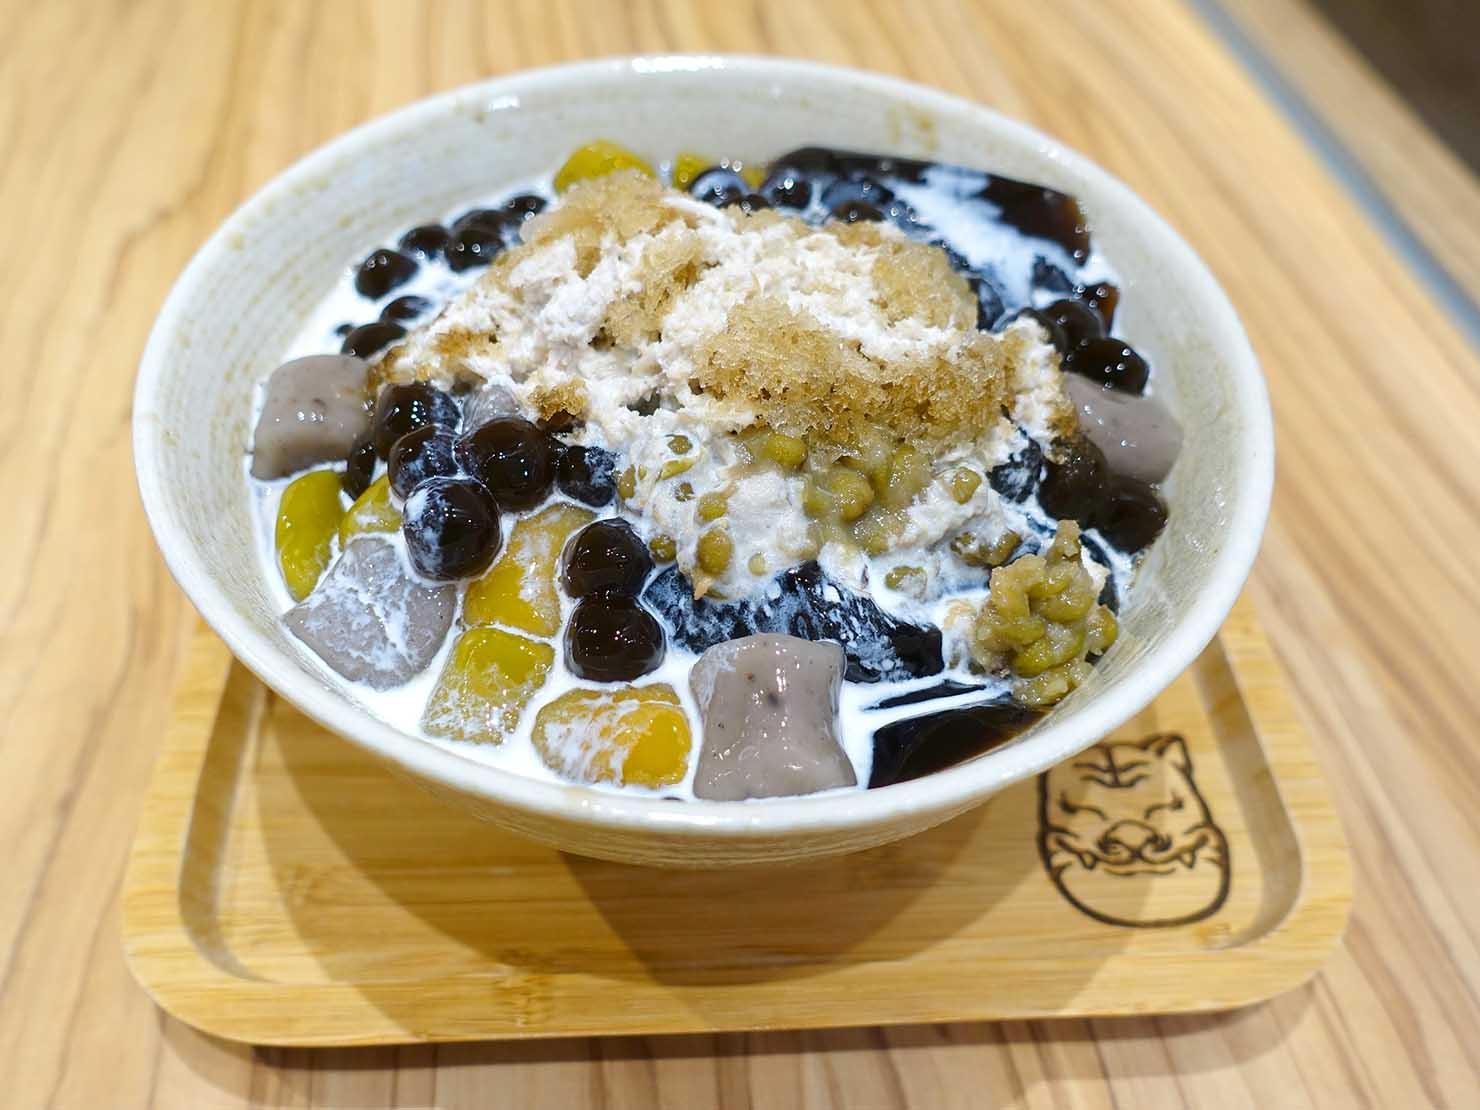 台北・中正紀念堂のおすすめグルメ店「屋琥甜冰品」の仙草6號(仙草ゼリー)